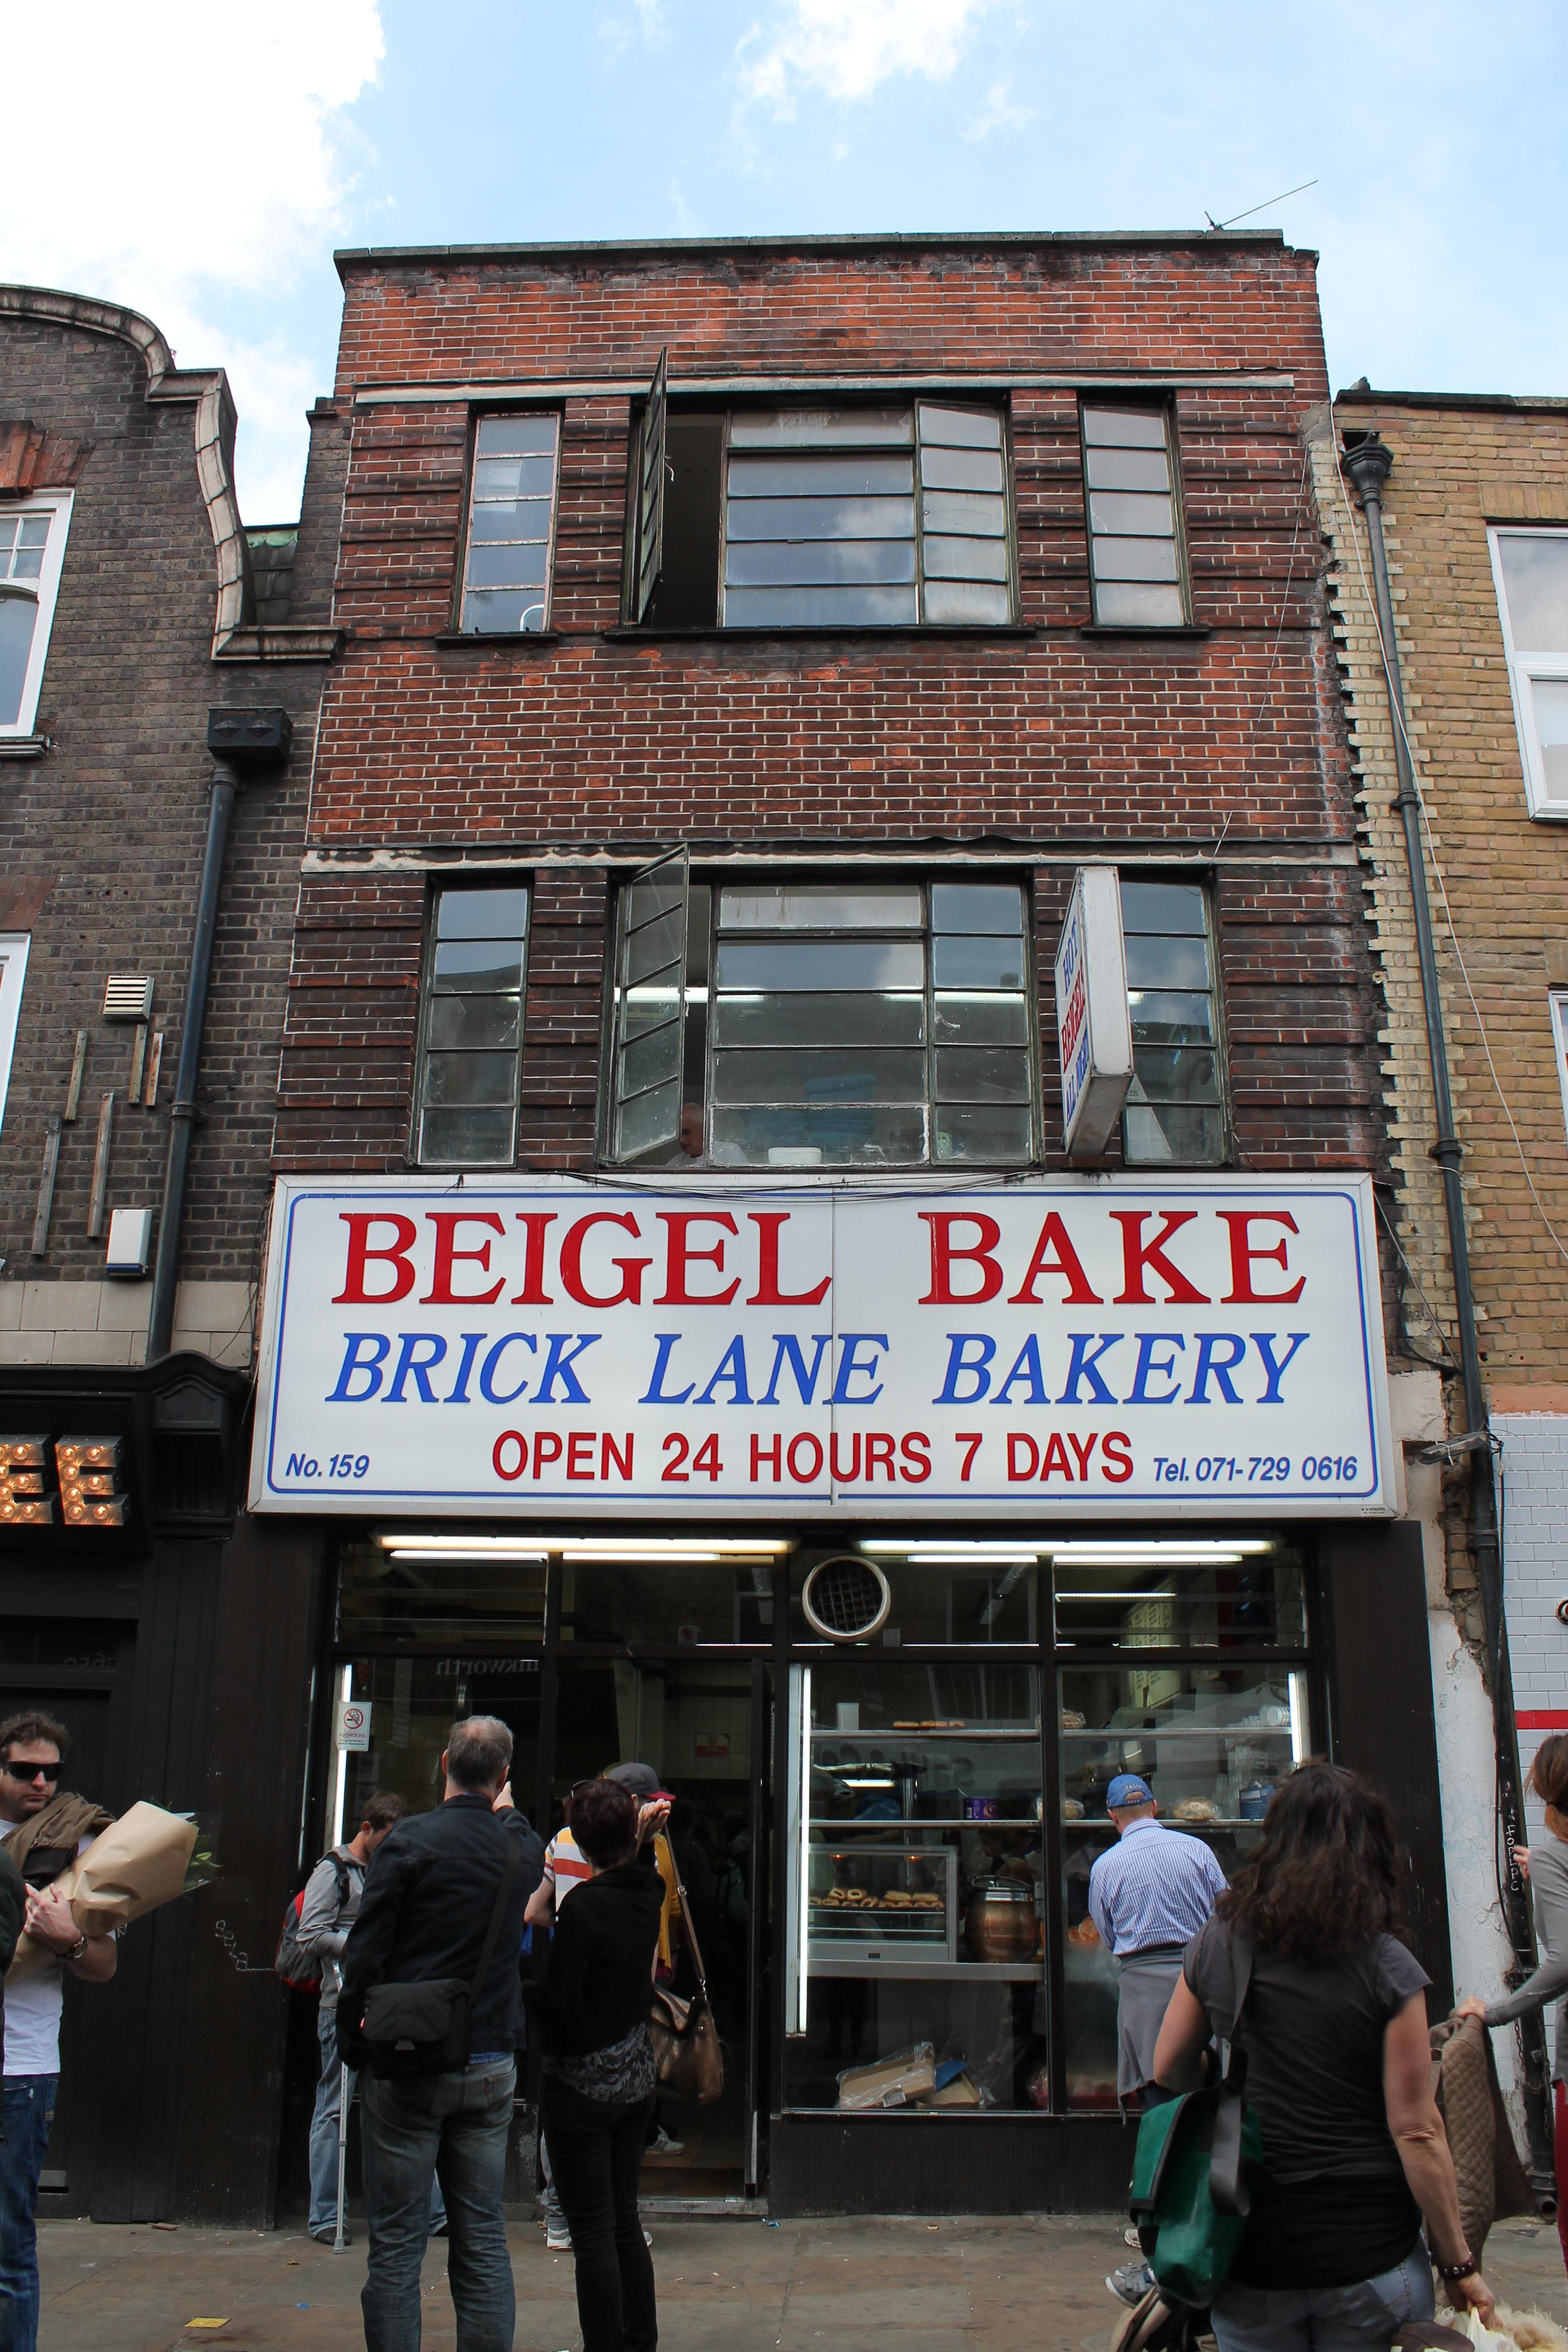 Brick Lane: The Changing Faces Of Brick Lane